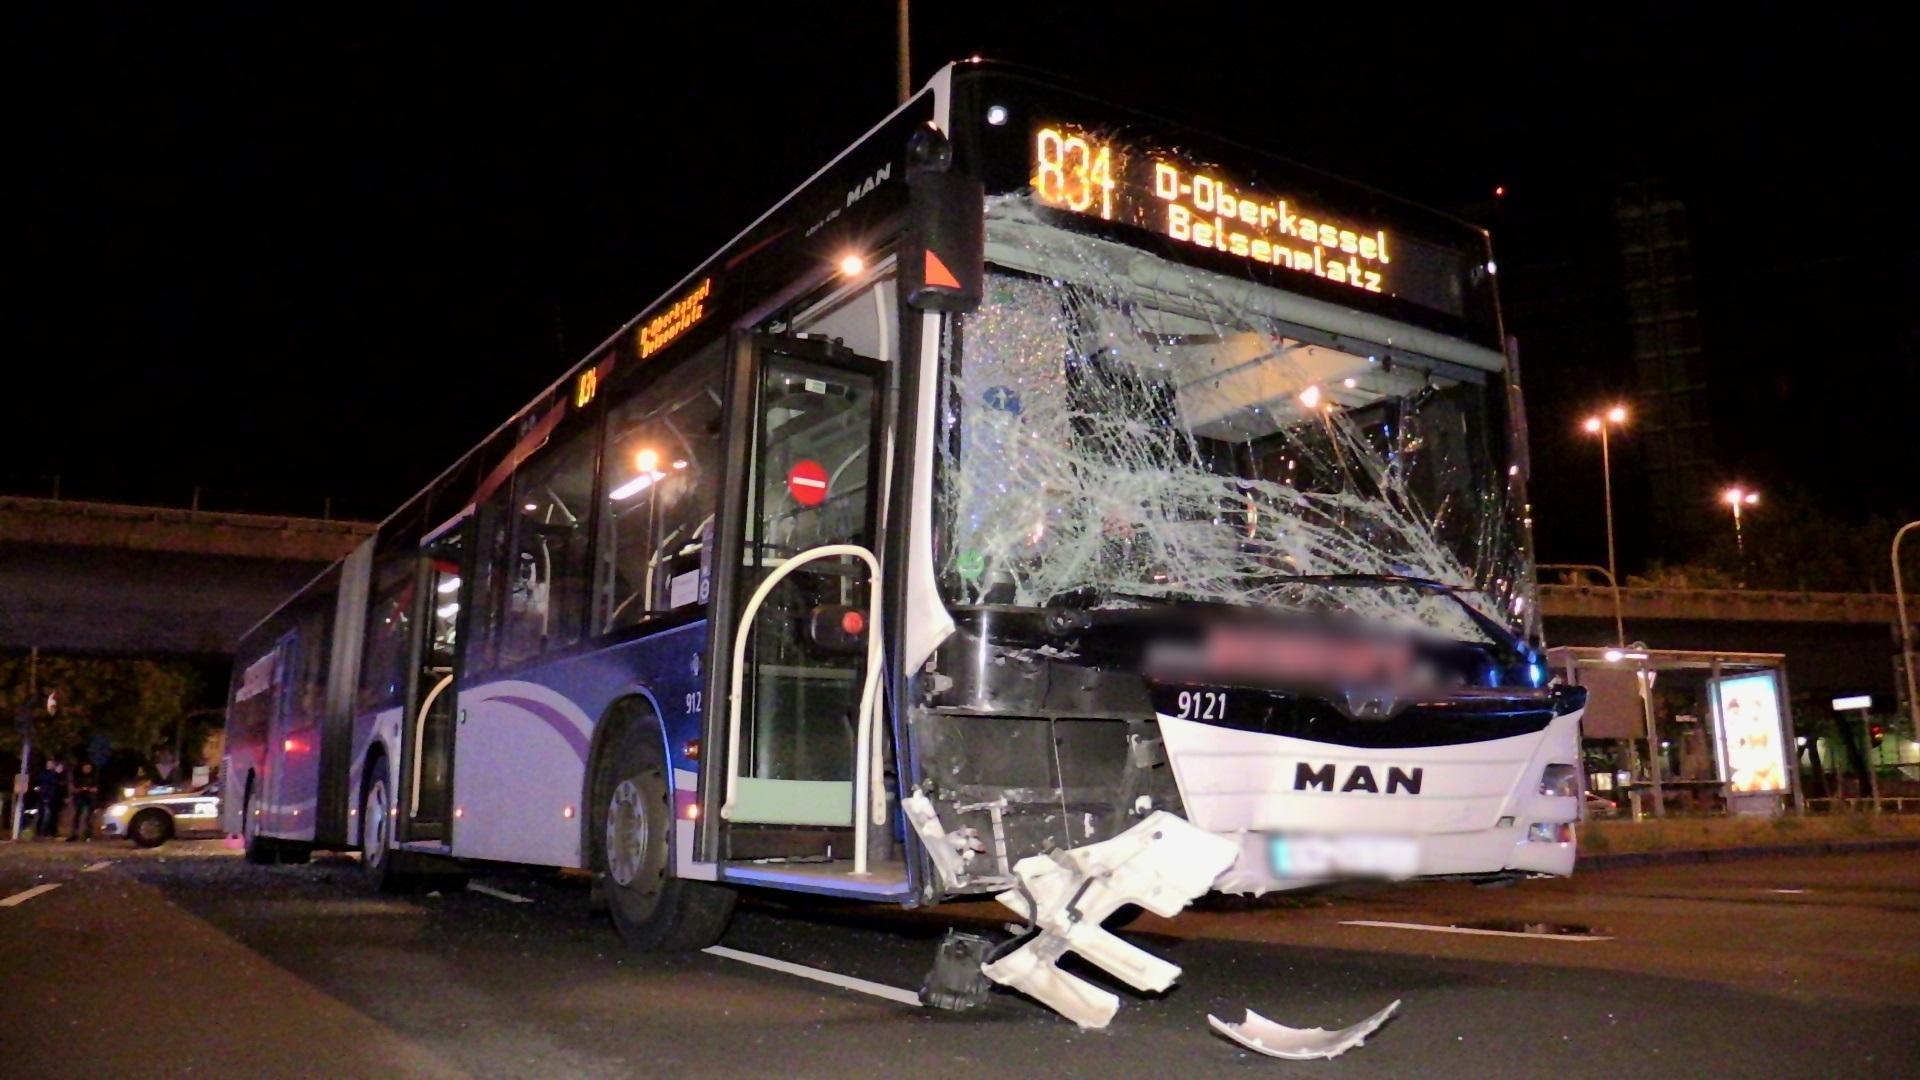 schwerer verkehrsunfall zwischen taxi und linienbus emergency. Black Bedroom Furniture Sets. Home Design Ideas